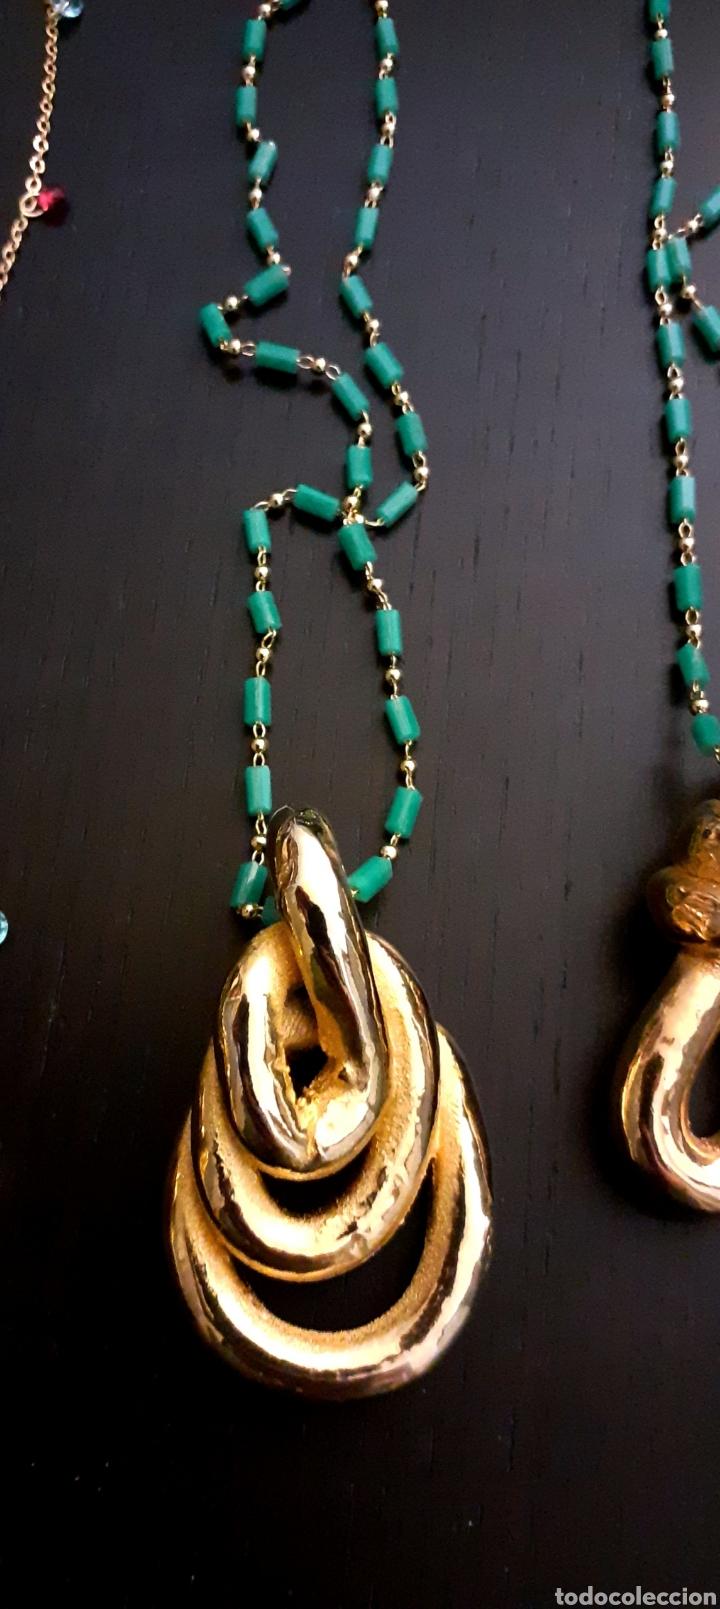 Joyeria: Collar con colgante de Nudo Marinero de porcelana bañado en oro vintage Grecia - Foto 2 - 232390040